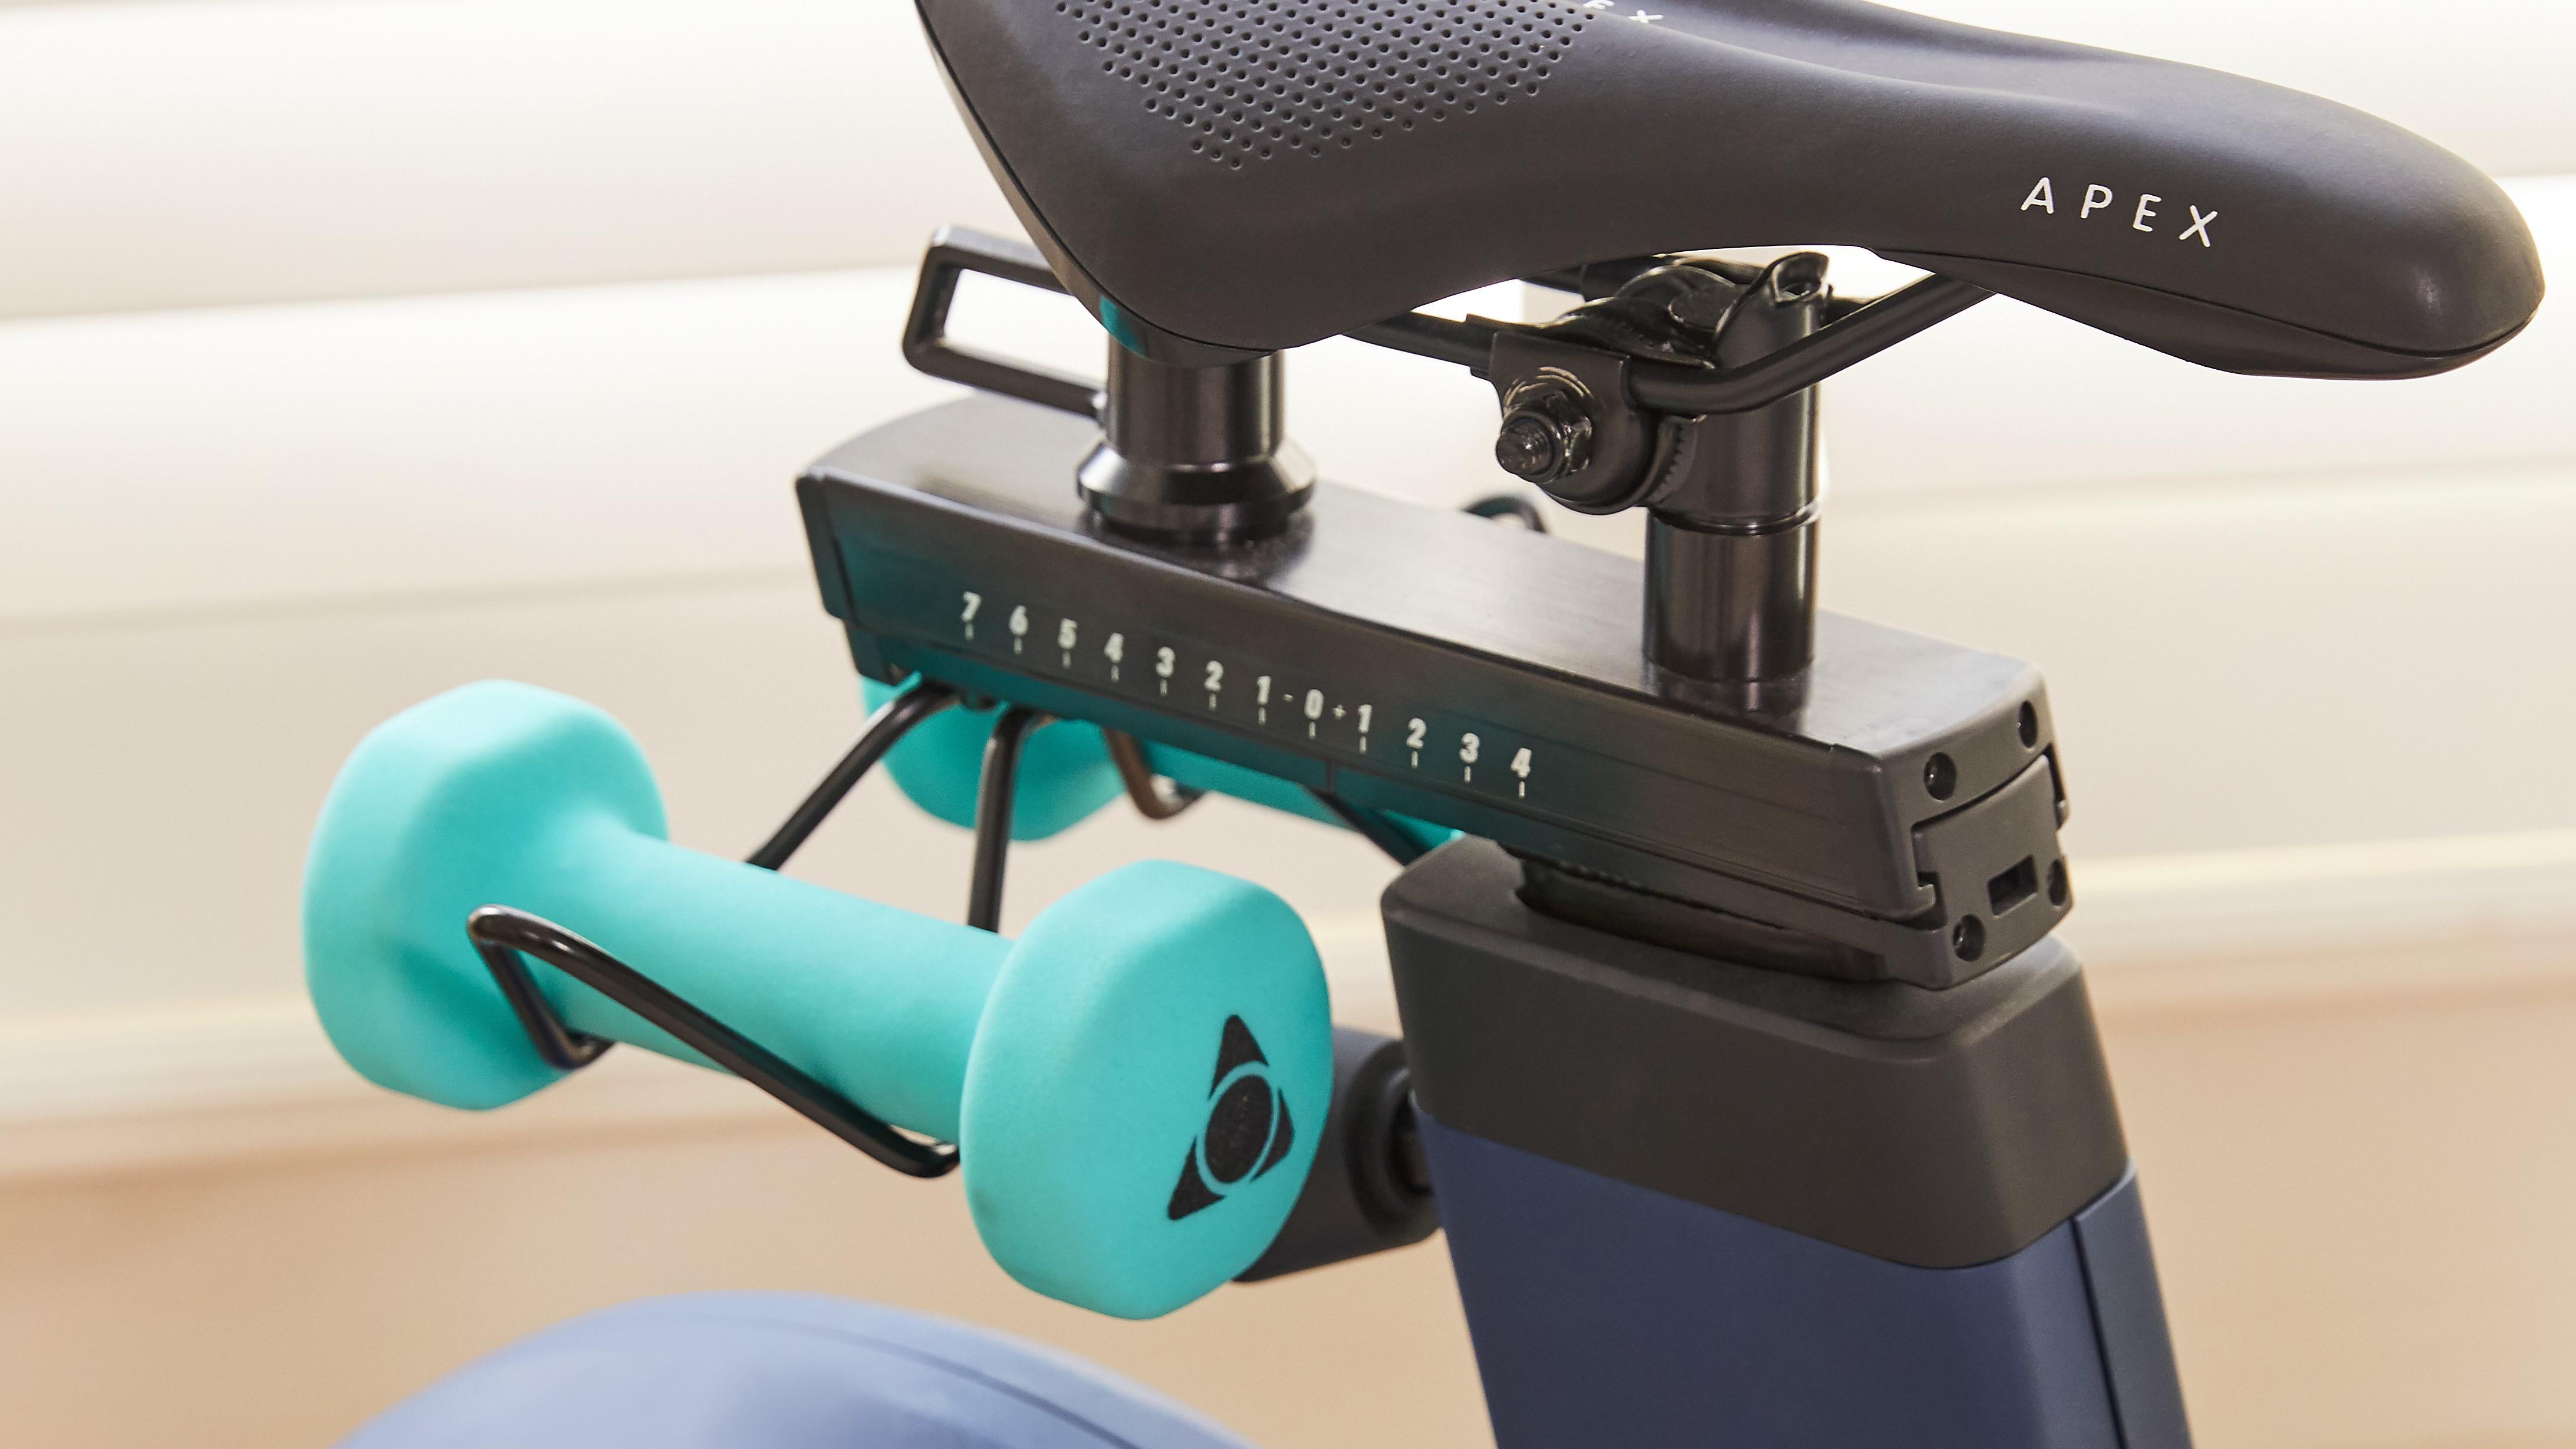 Storage for hand weights under Apex Bike saddle